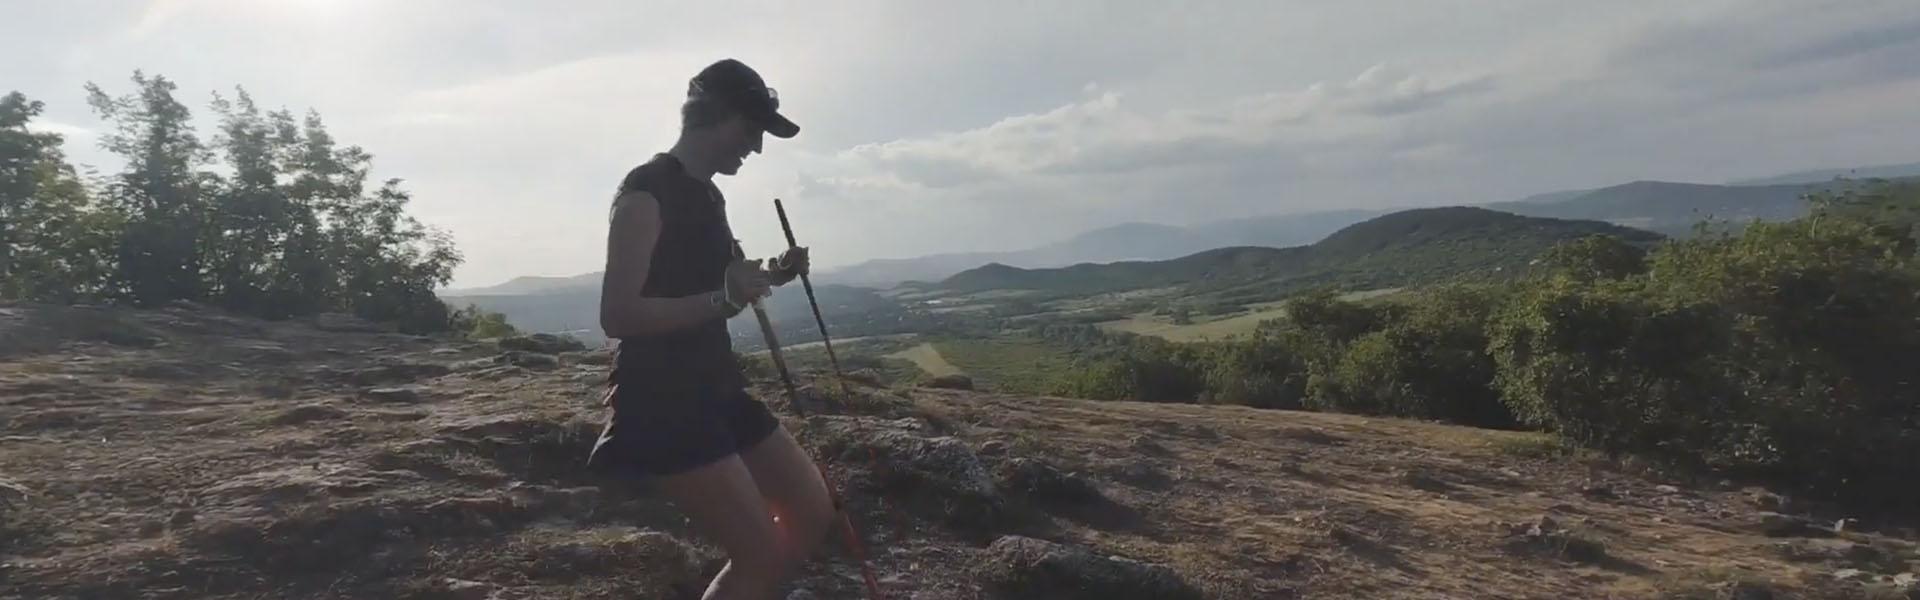 Prémium kategóriás, karbon terepfutó bot: Leki Micro Trail futóbot